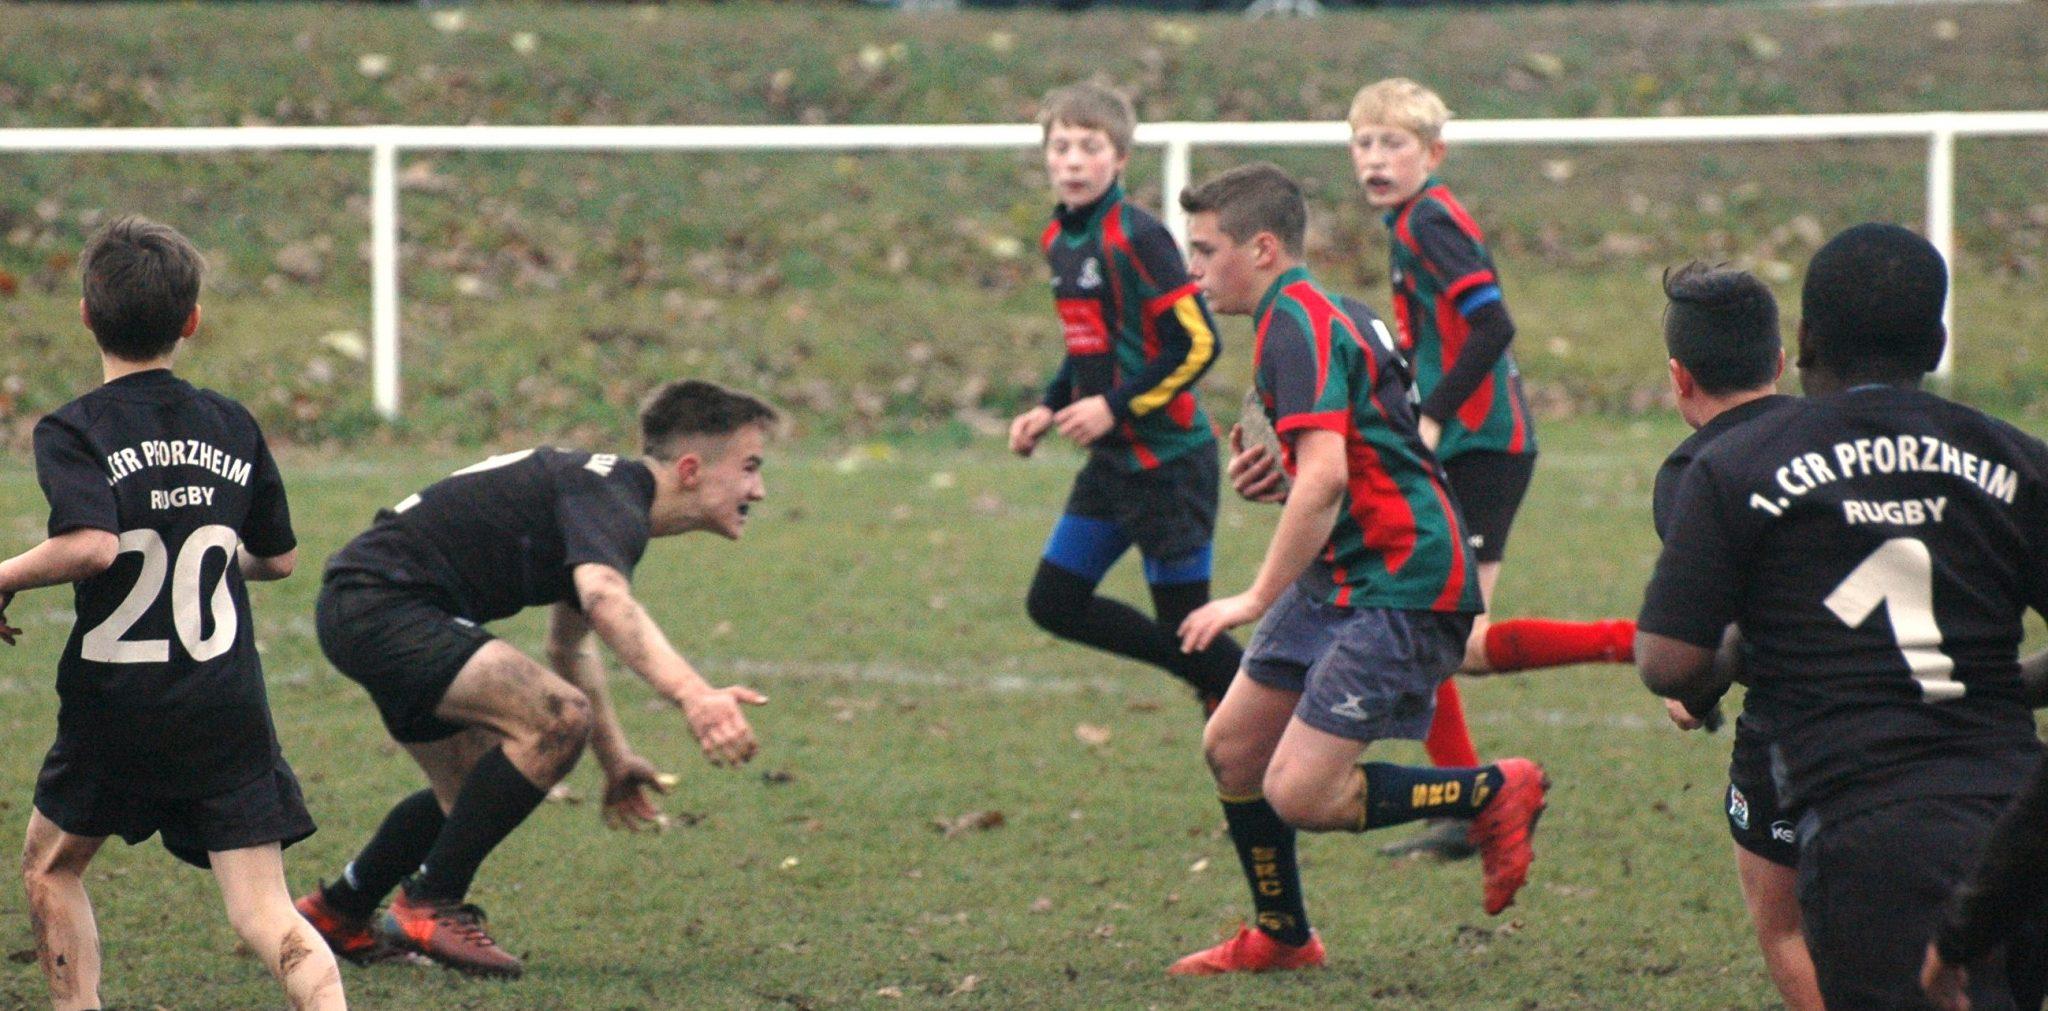 Rugby: Sieg und Niederlage am Doppelspieltag